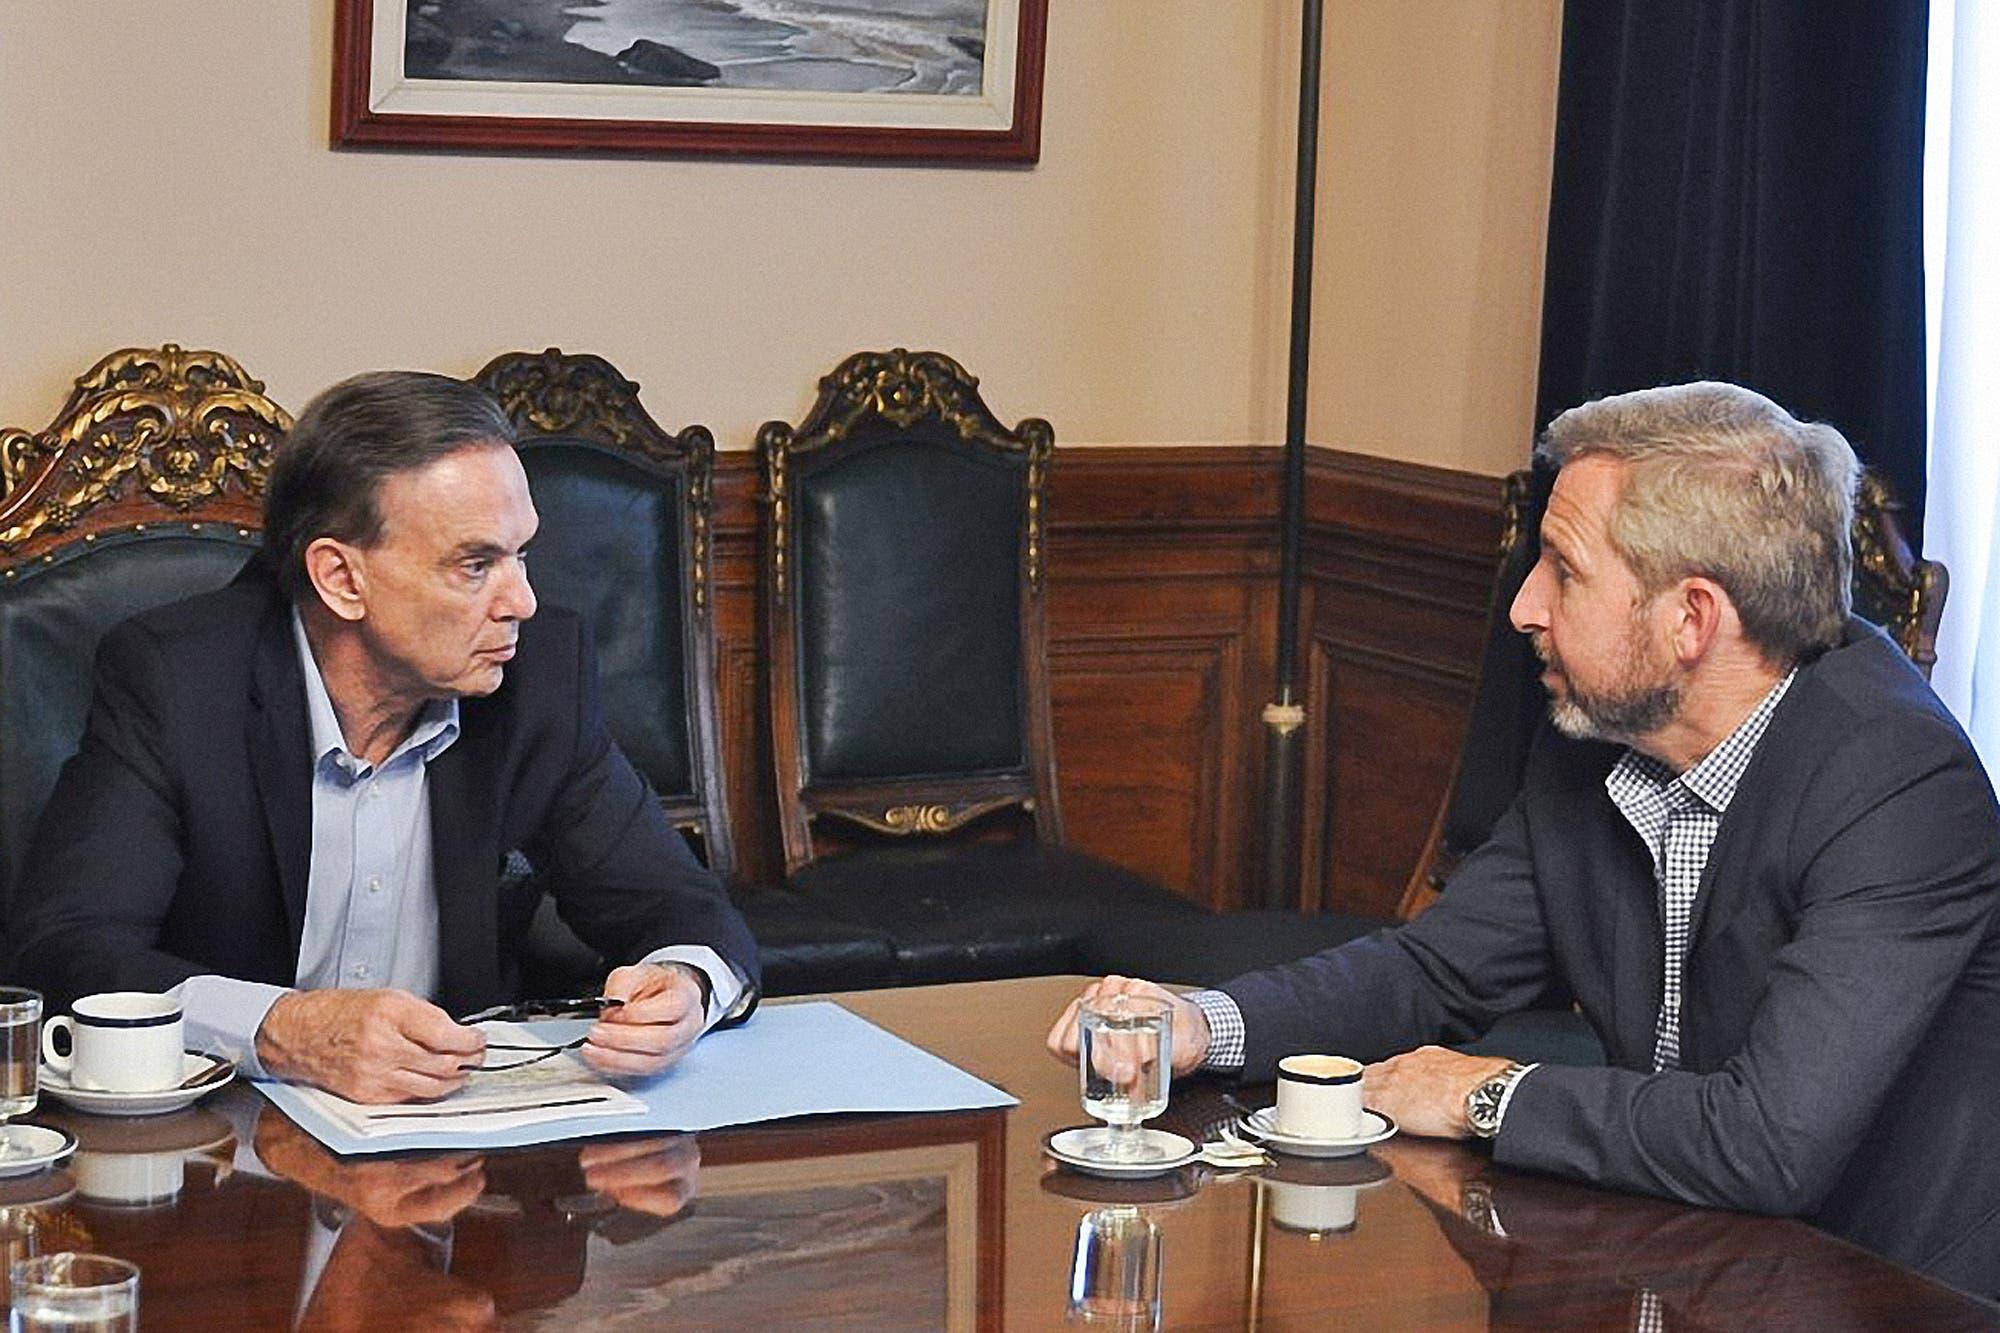 Pichetto en modo campaña: se reúne con Vidal y arranca una gira por las provincias